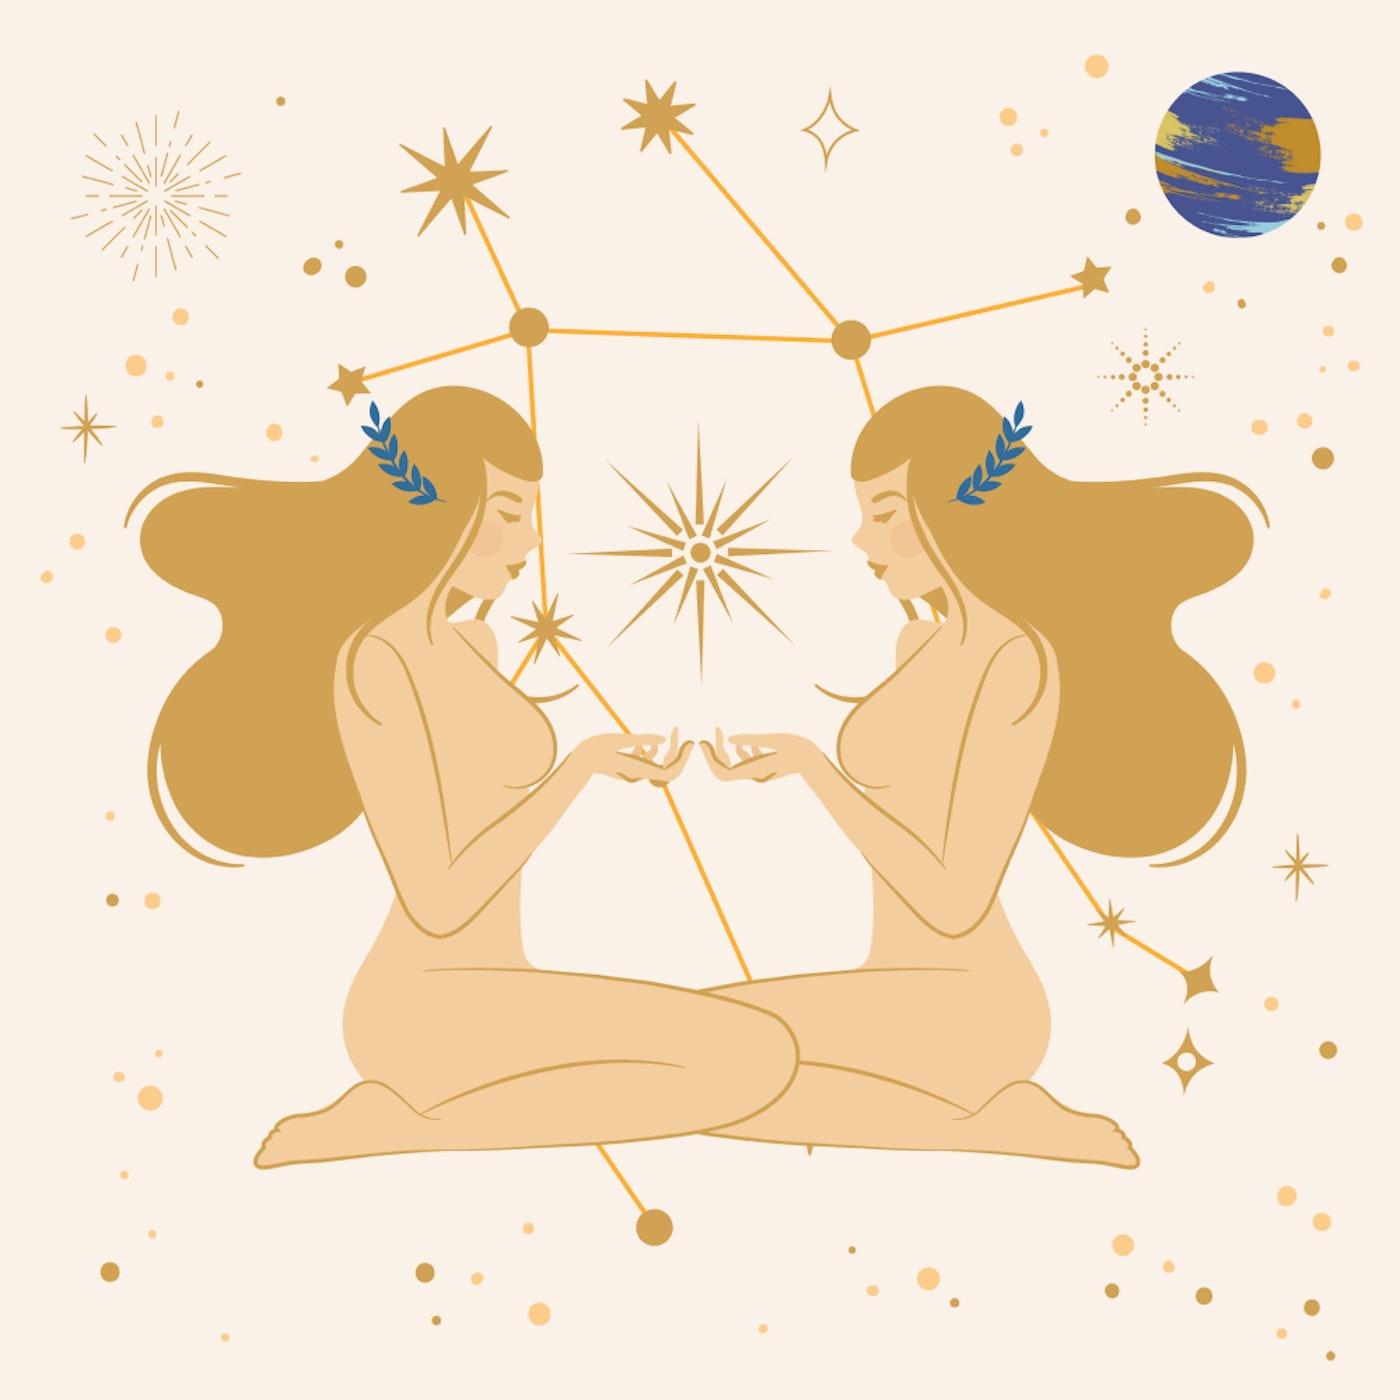 ramalan zodiak agustus 2020 - gemini